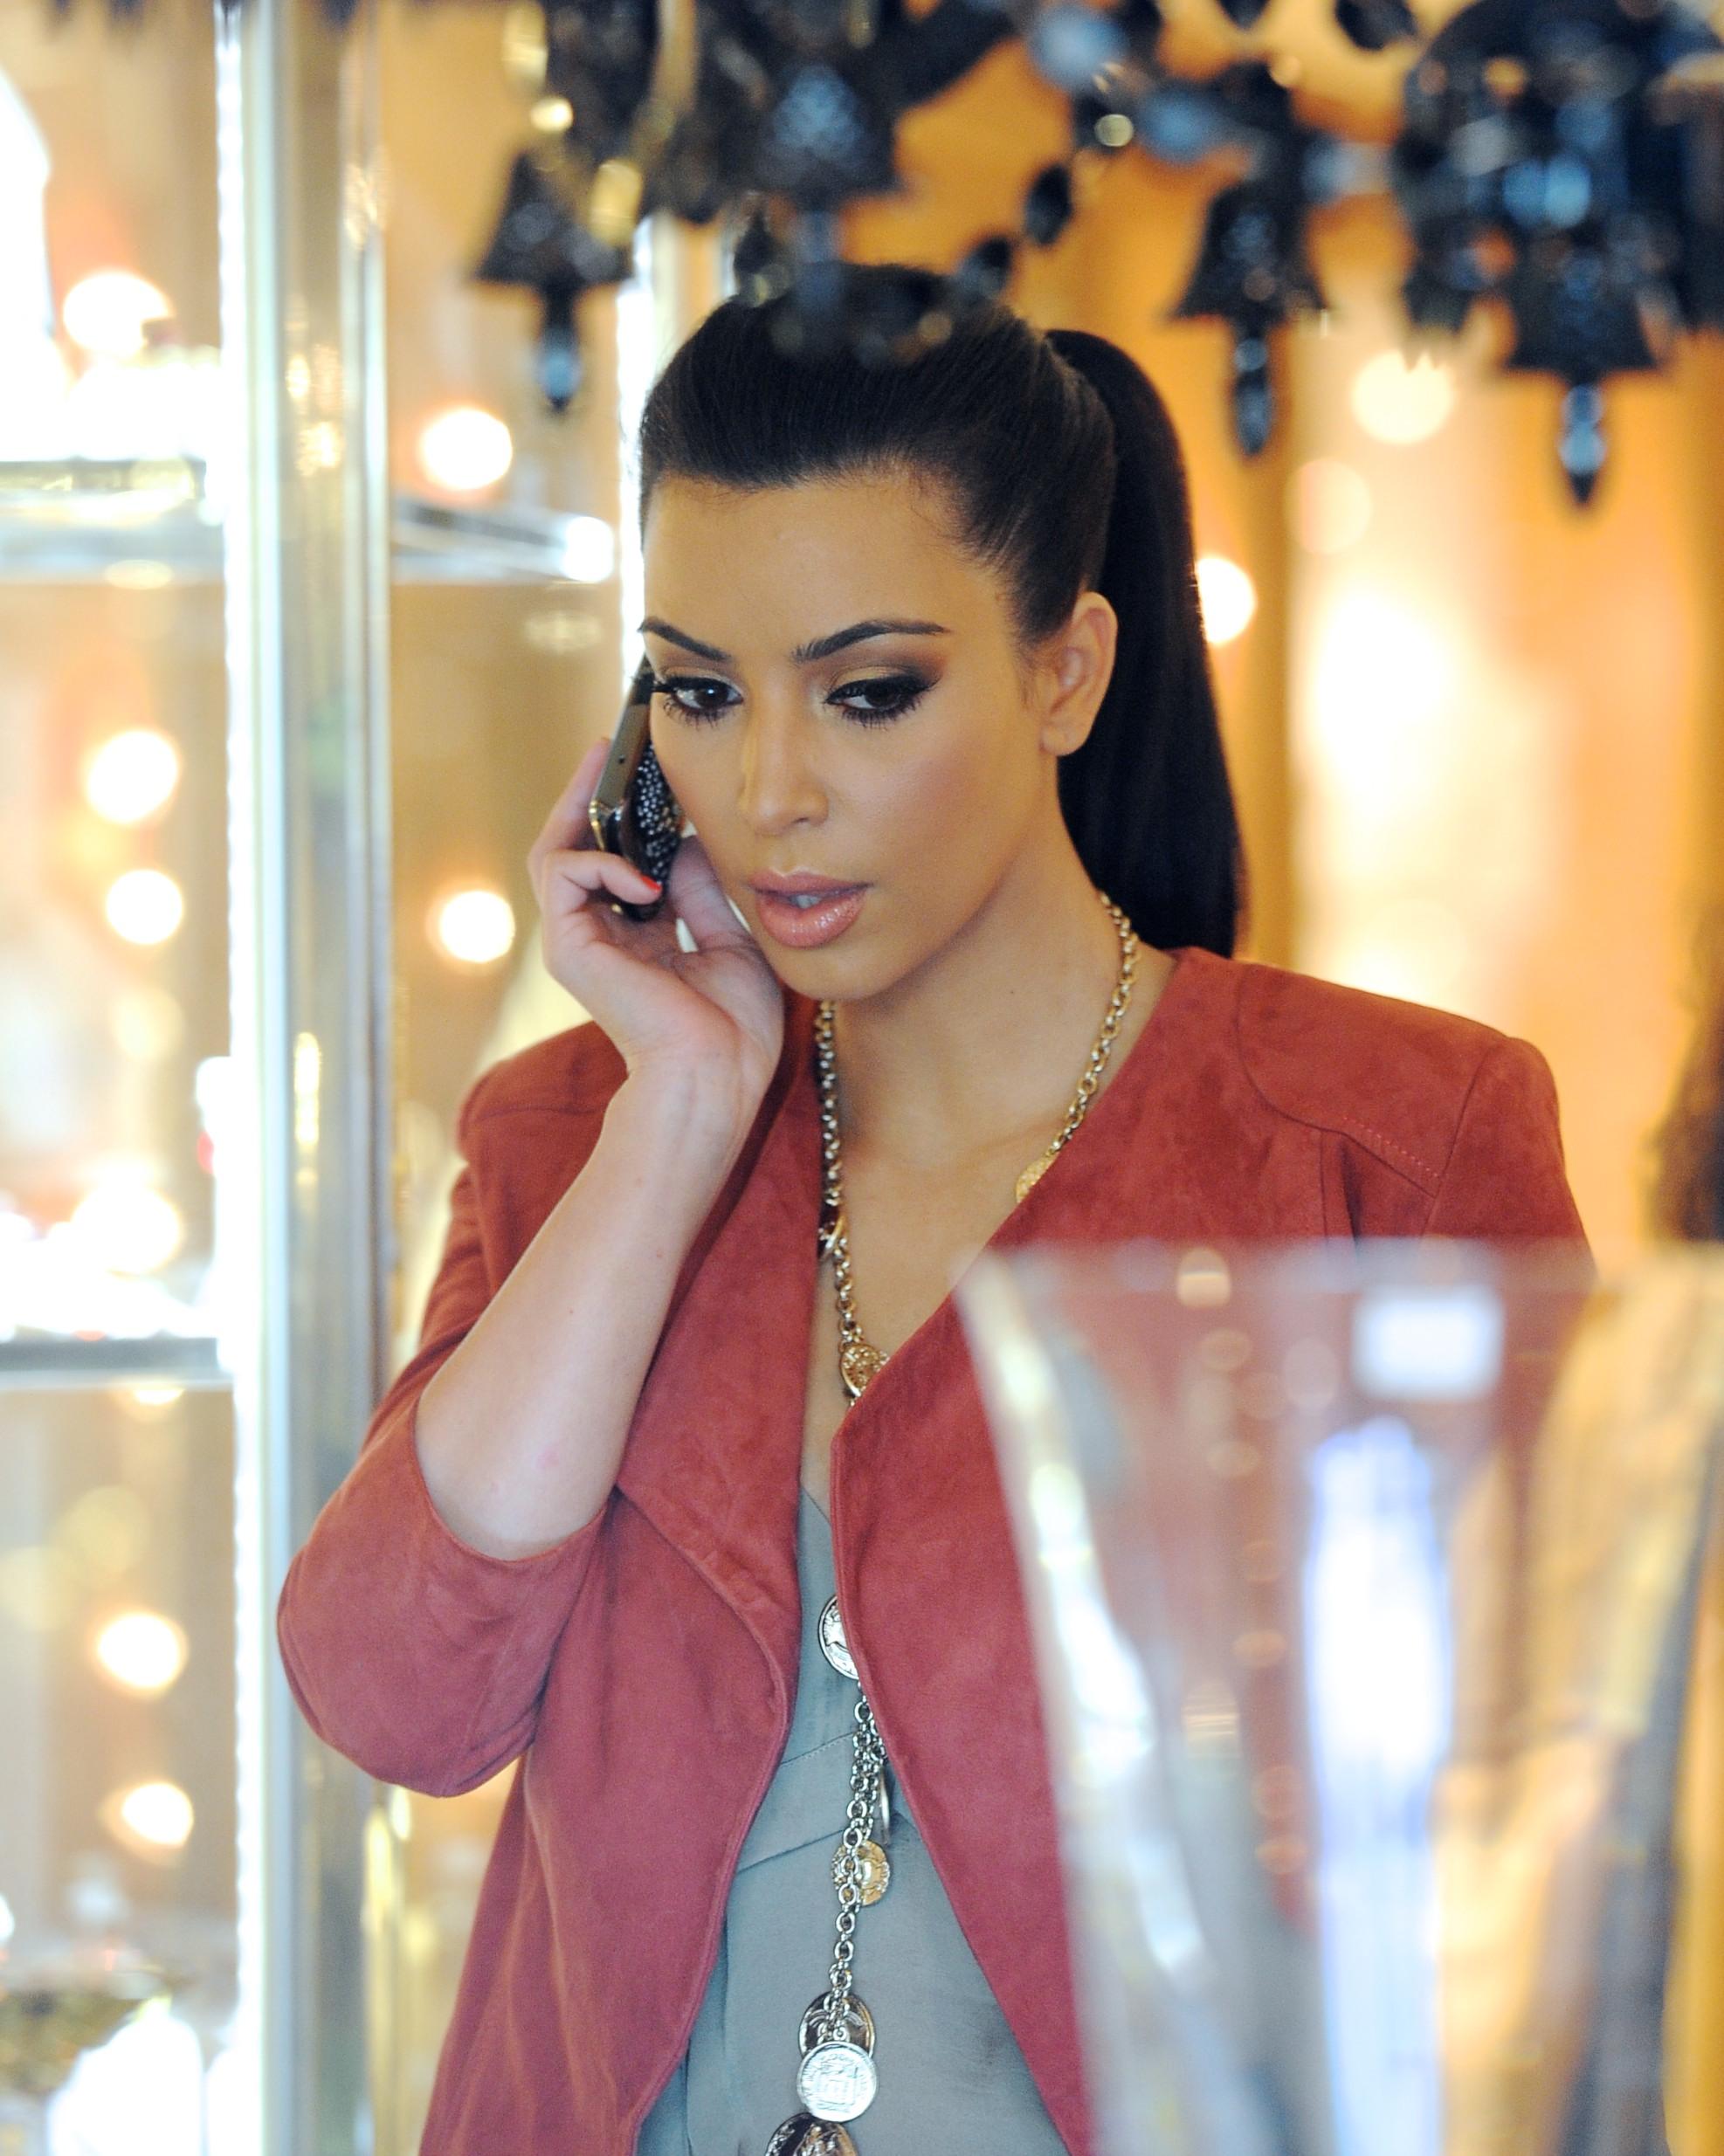 Kim Kardashian 2011 Kosty 555 info 0014